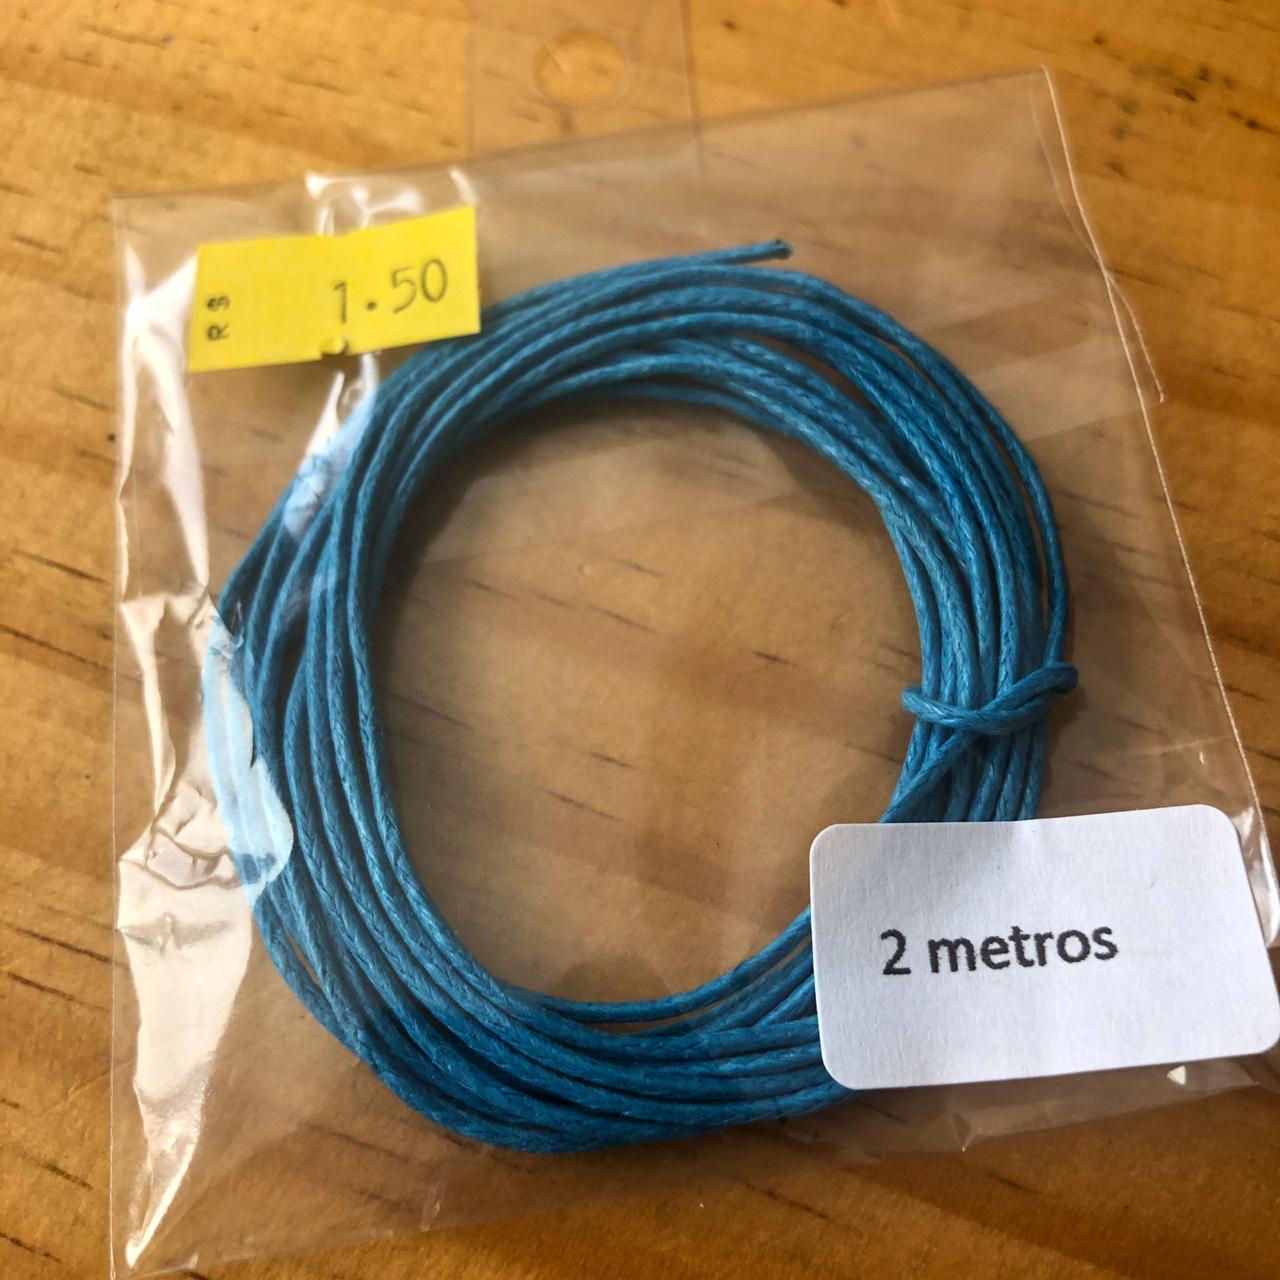 Cordão Rabo de Rato - Azul (CRG001)